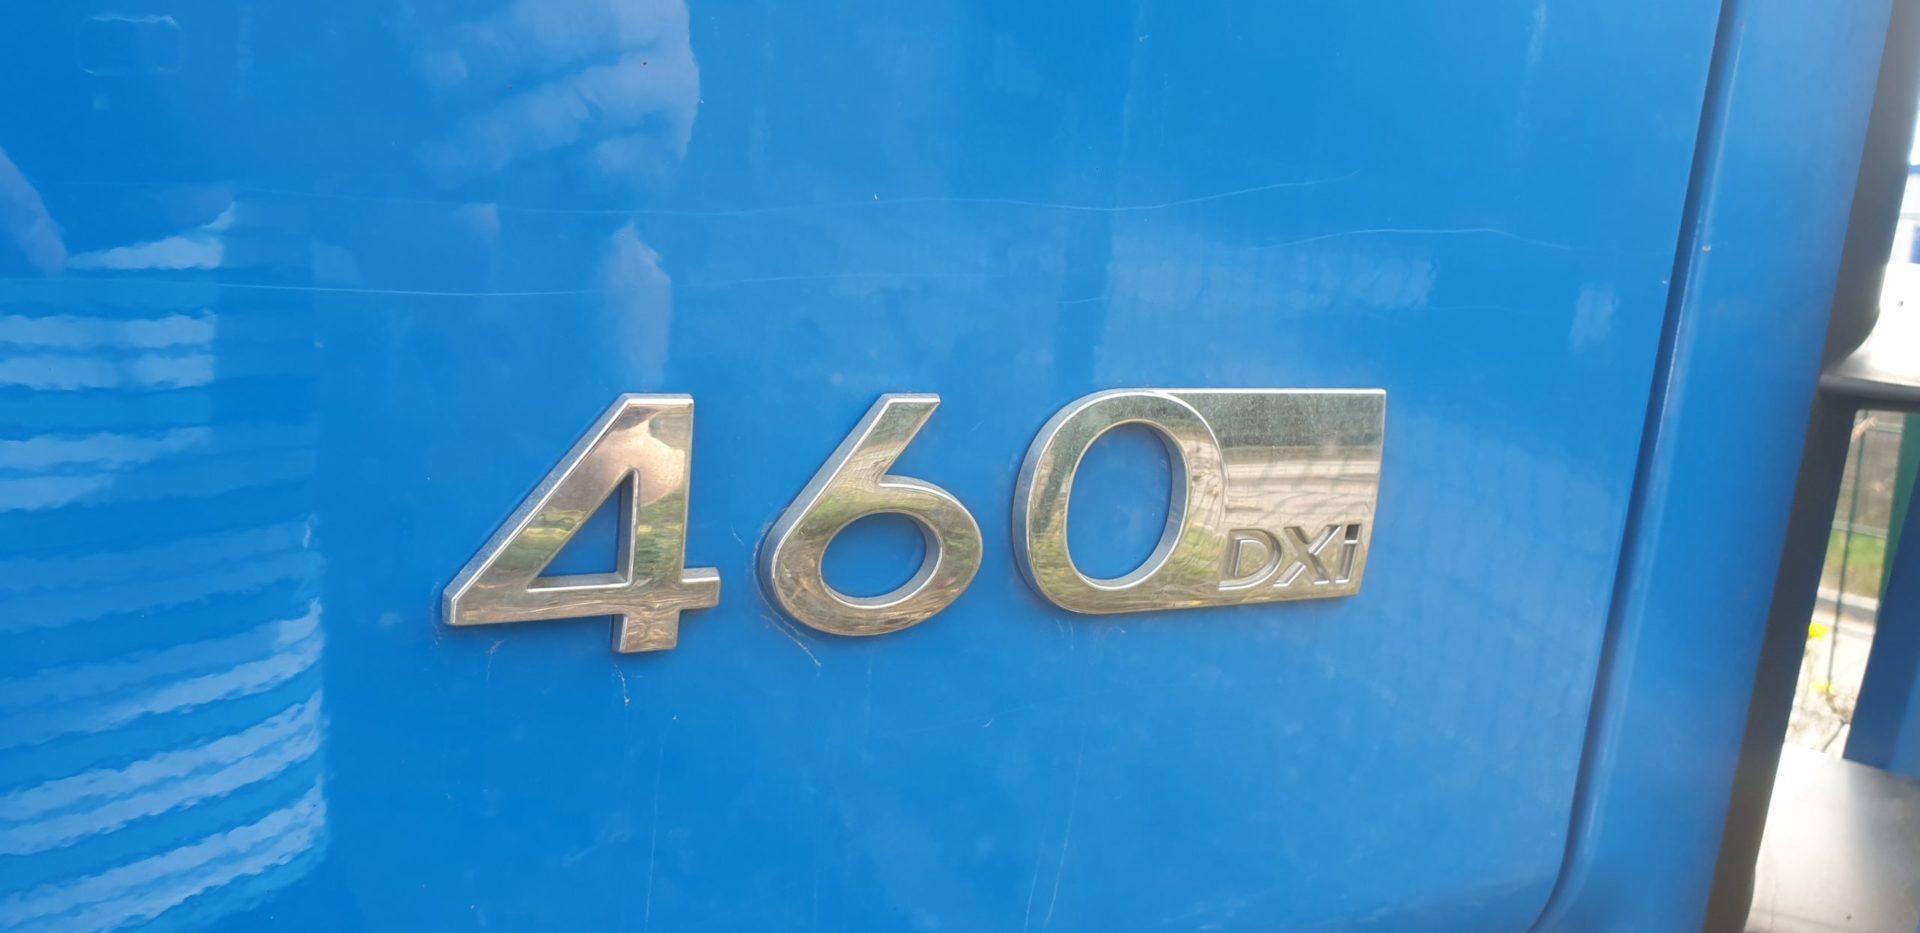 Problème Adblue Renault DXi 460 Premium Mode dégradé Puissance réduite